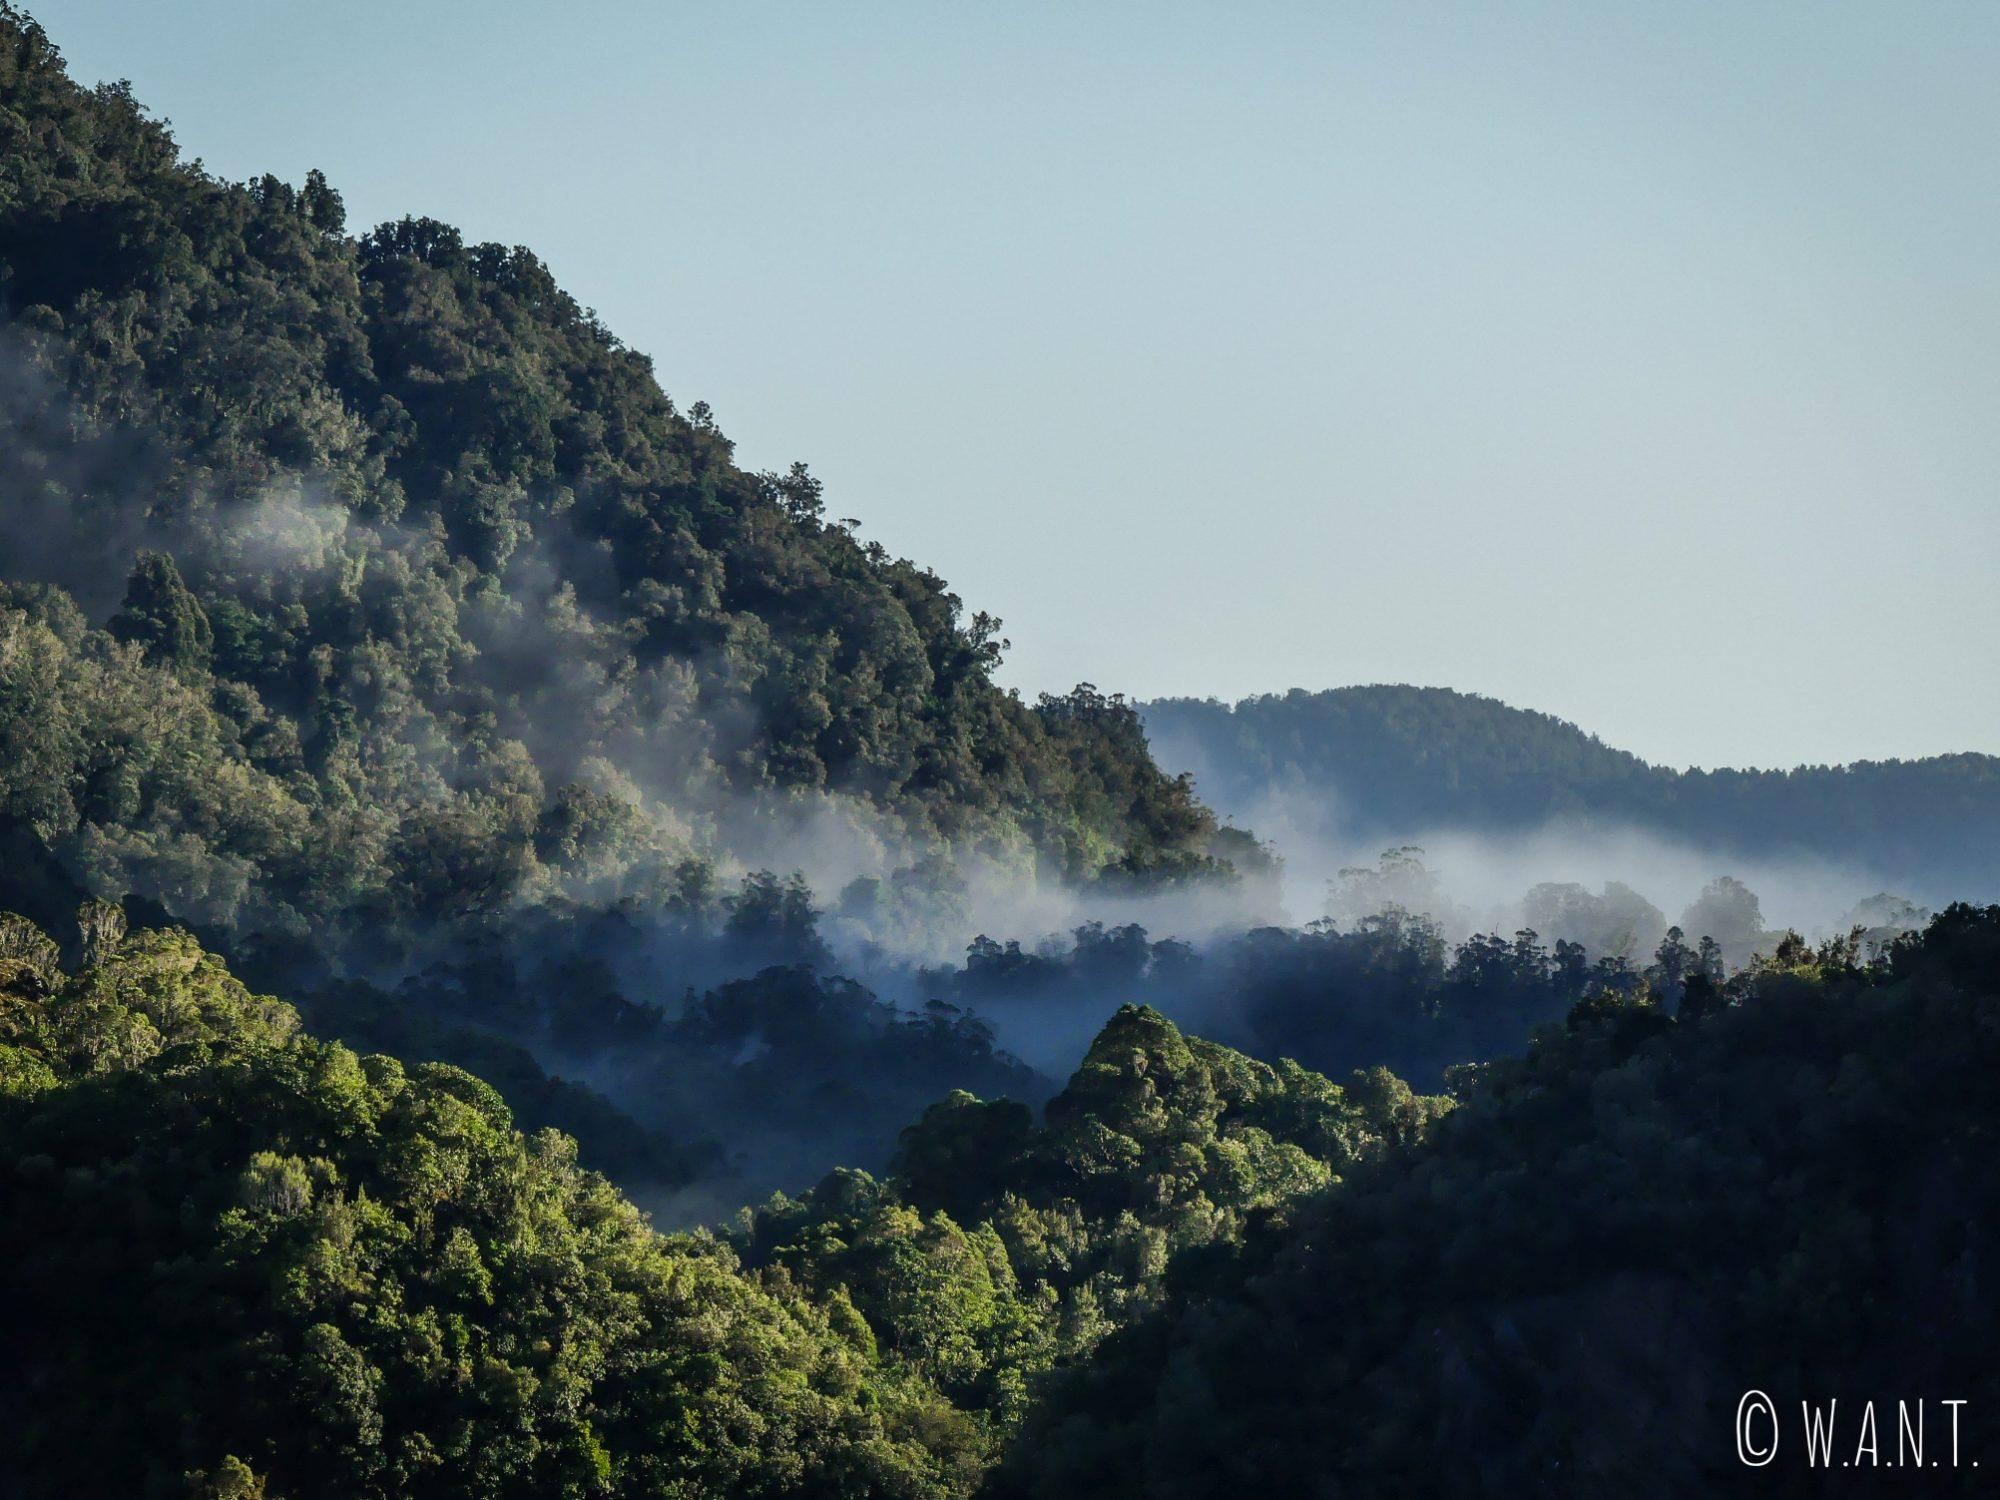 Brume sur la forêt durant notre randonnée matinale au Franz Joseph Glacier en Nouvelle-Zélande